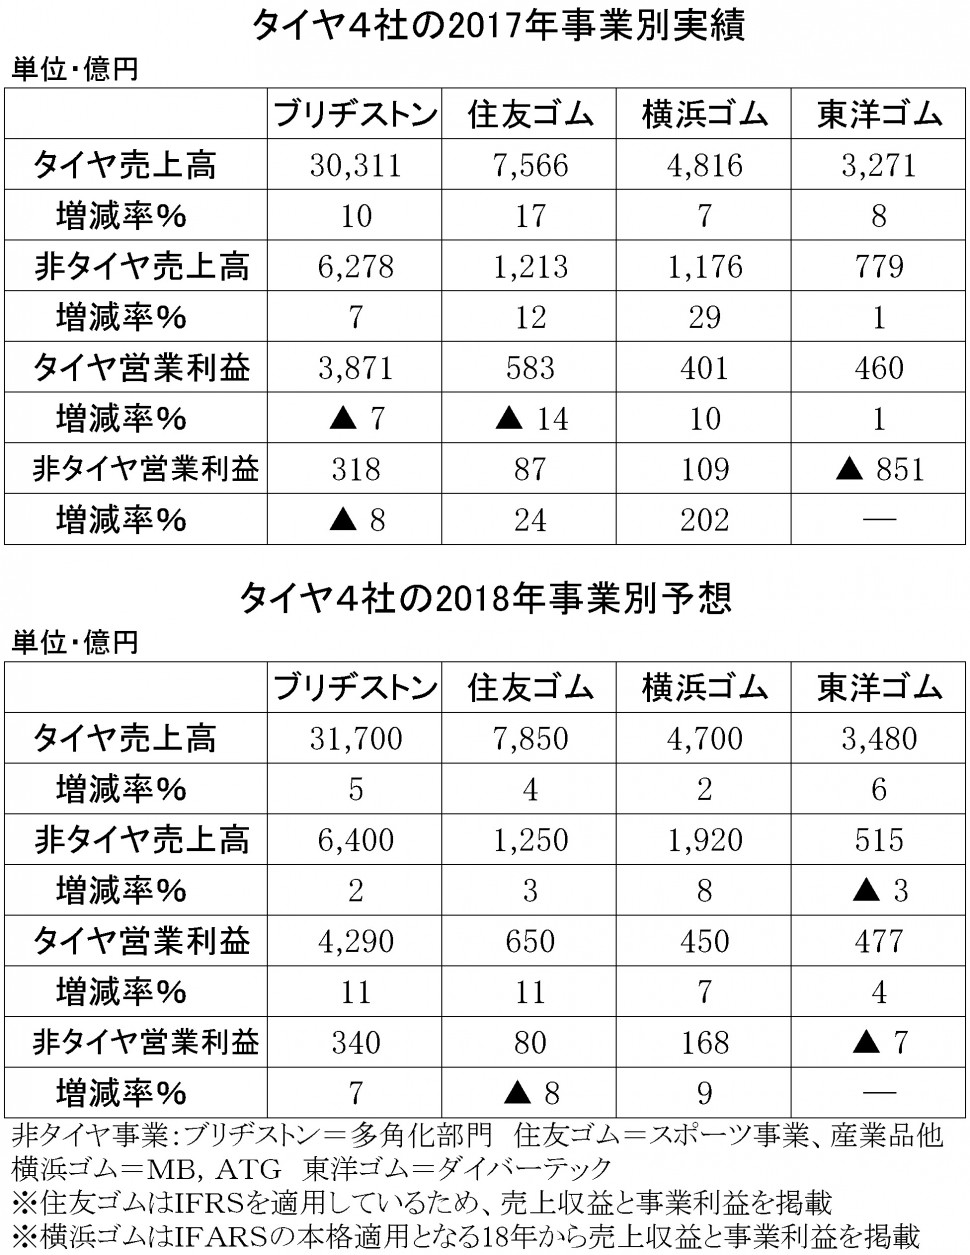 2017年決算 タイヤ4社の非タイヤ事業